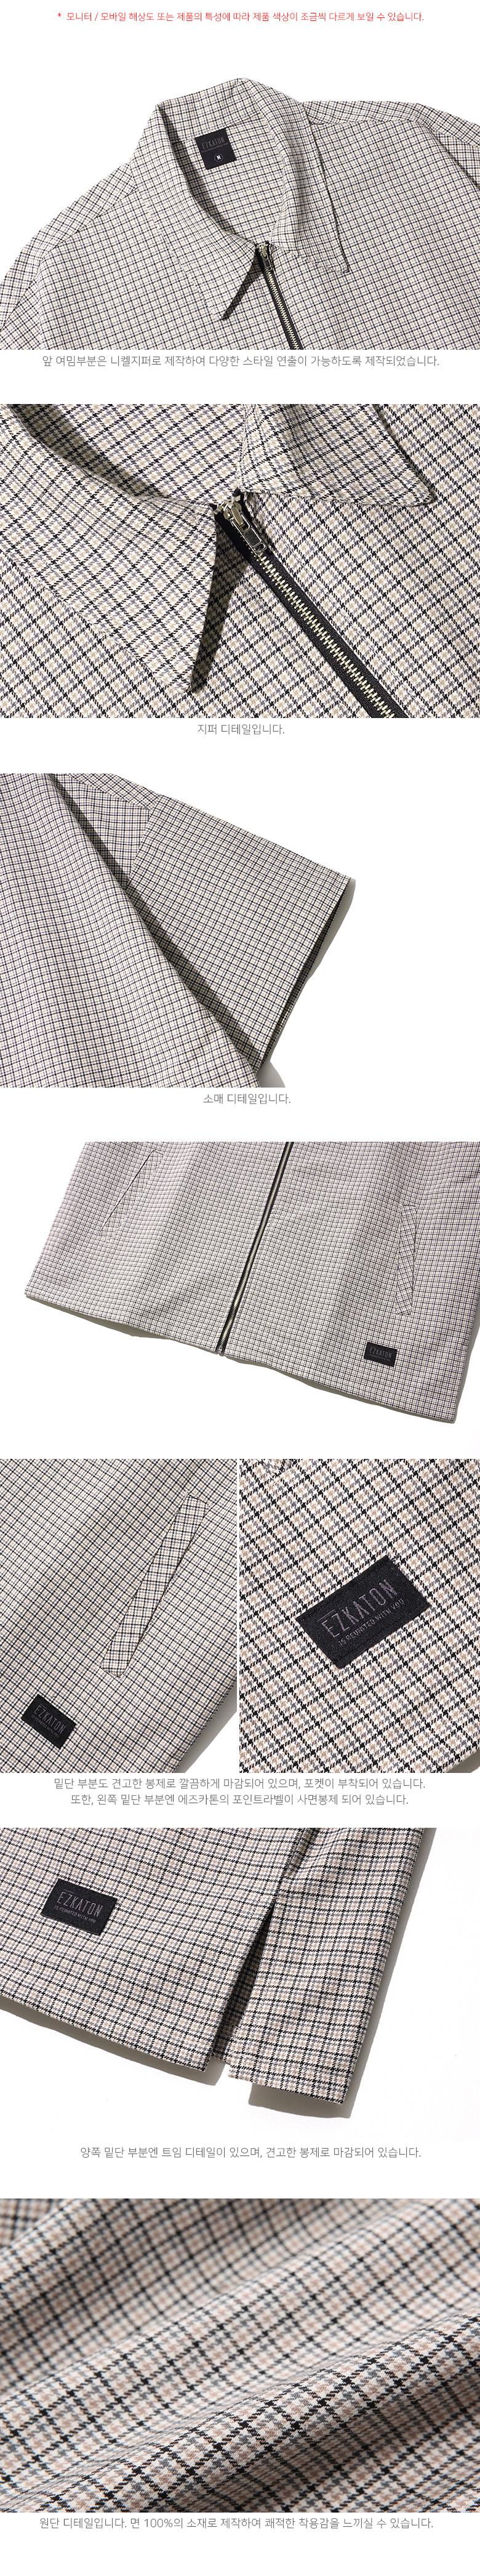 20190426_ez_deus_shirts_detail_beige_je_02.jpg